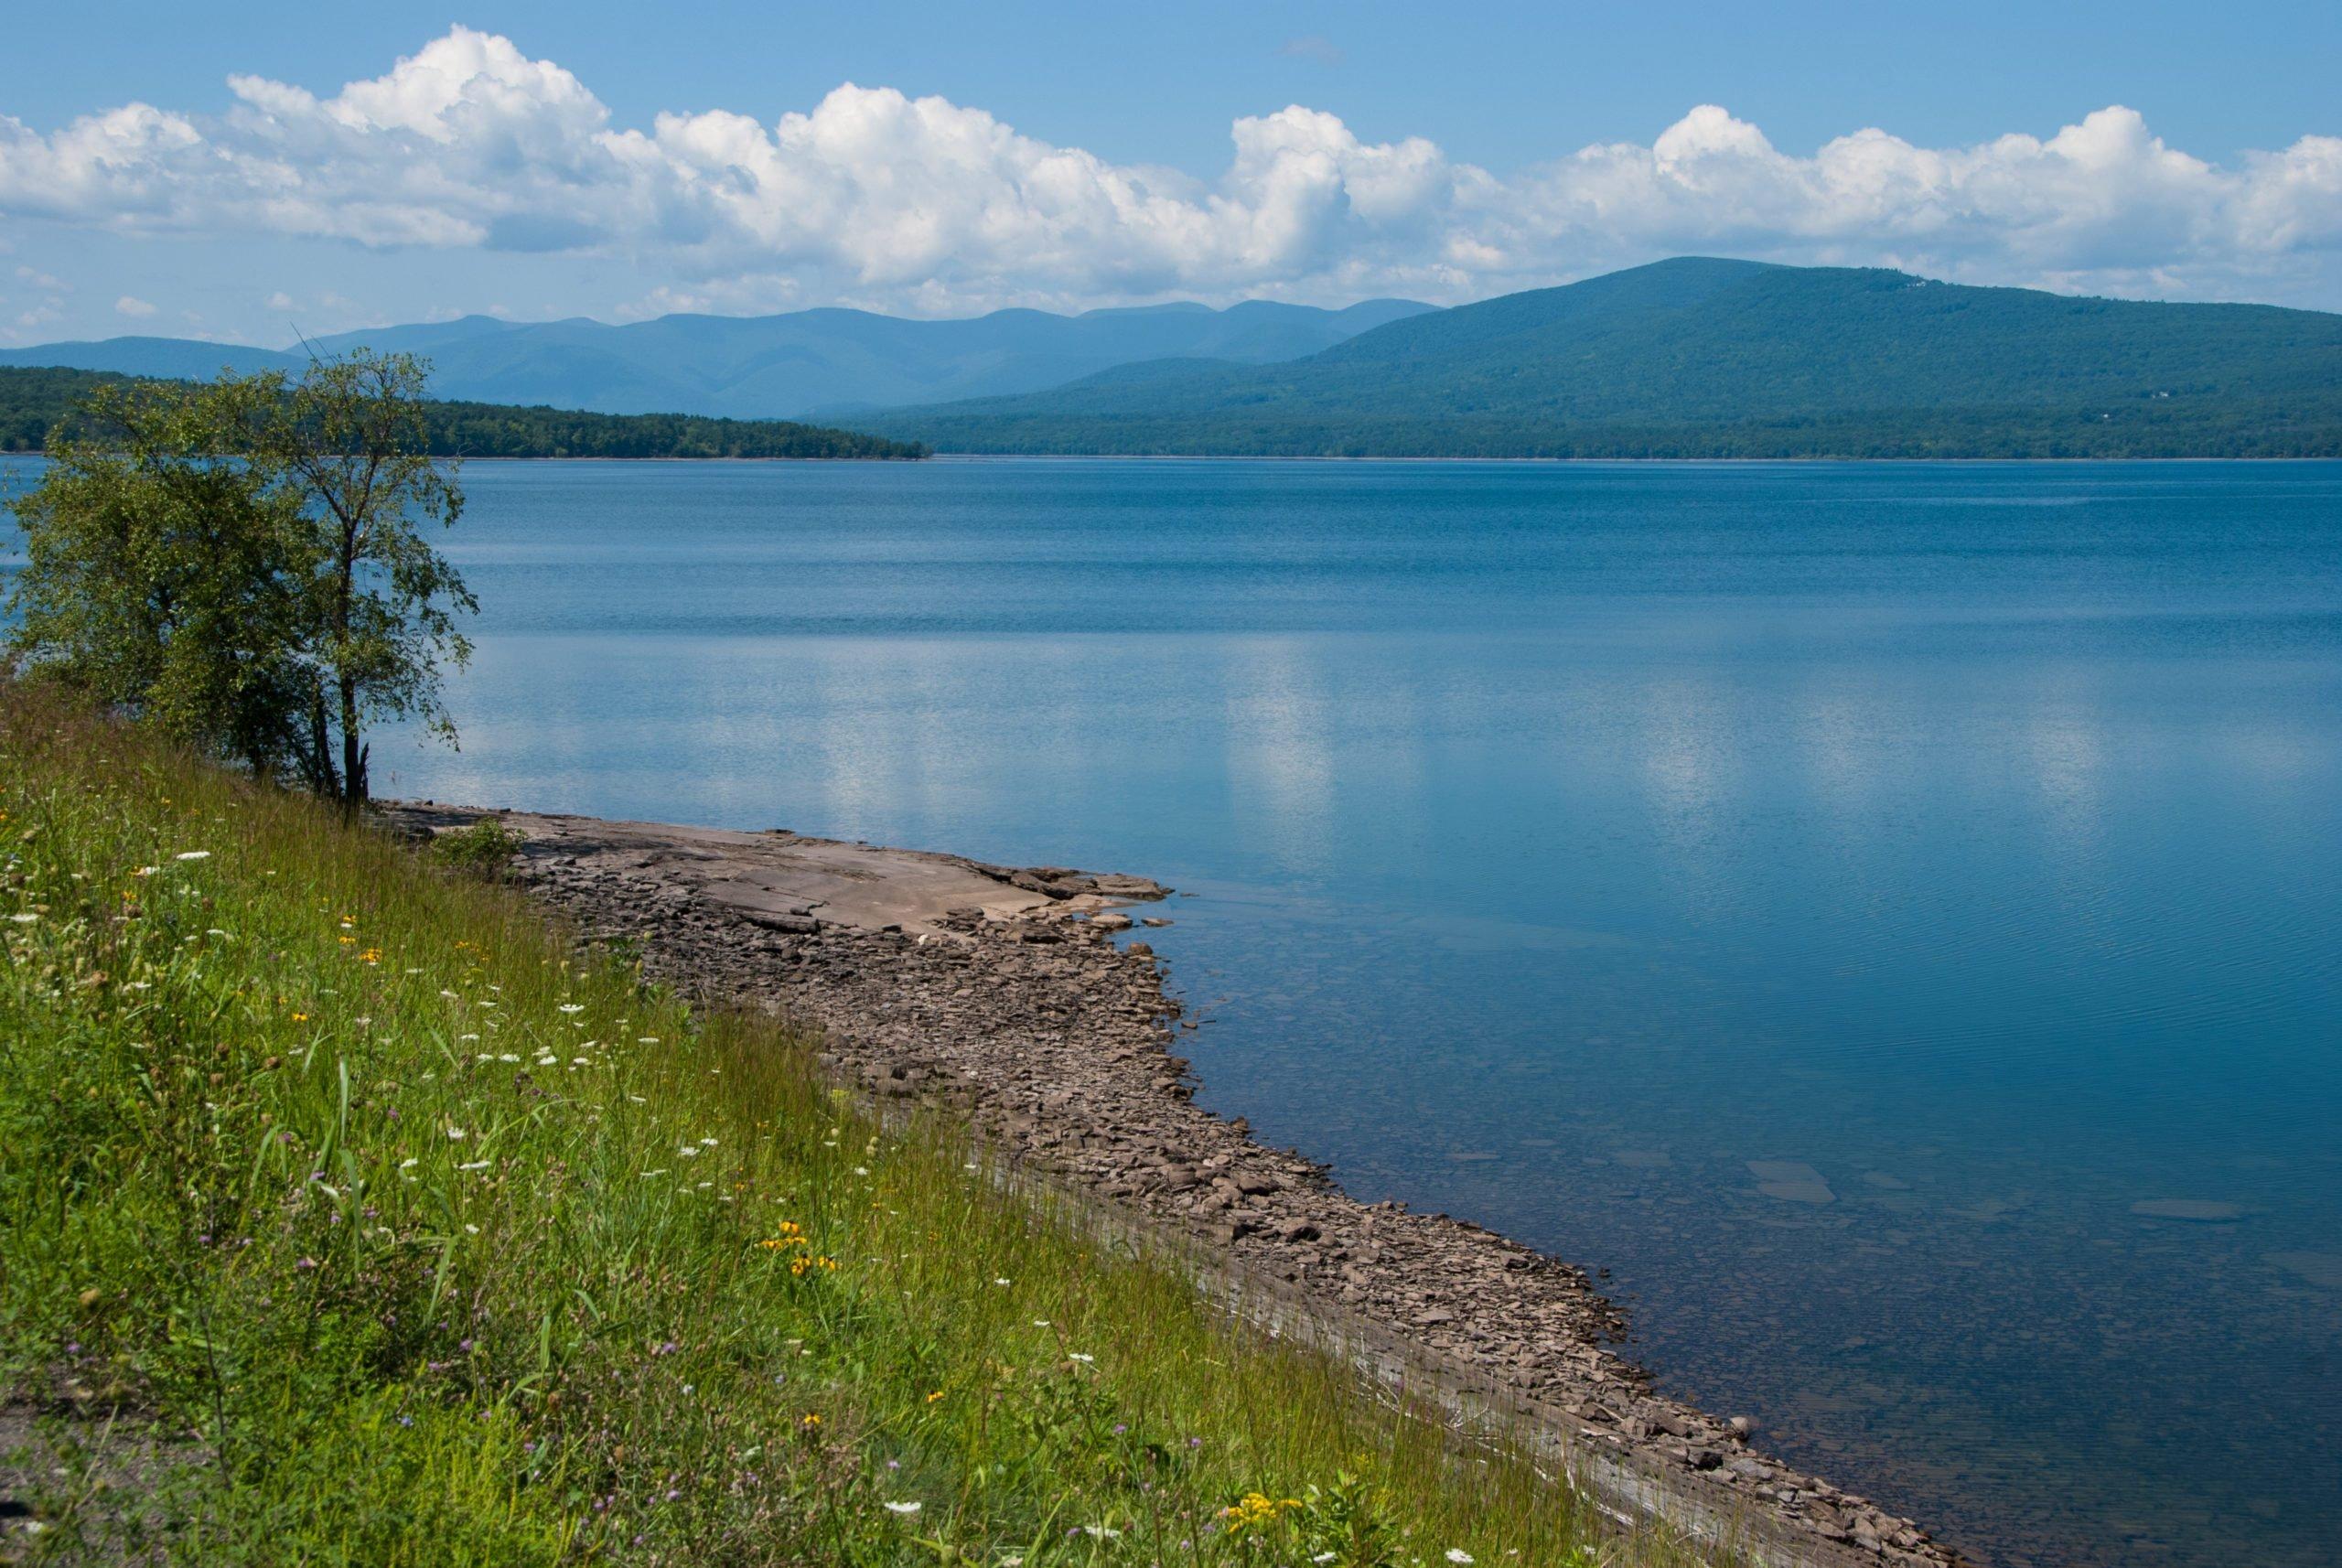 Ashokan Reservoir and the Catskills